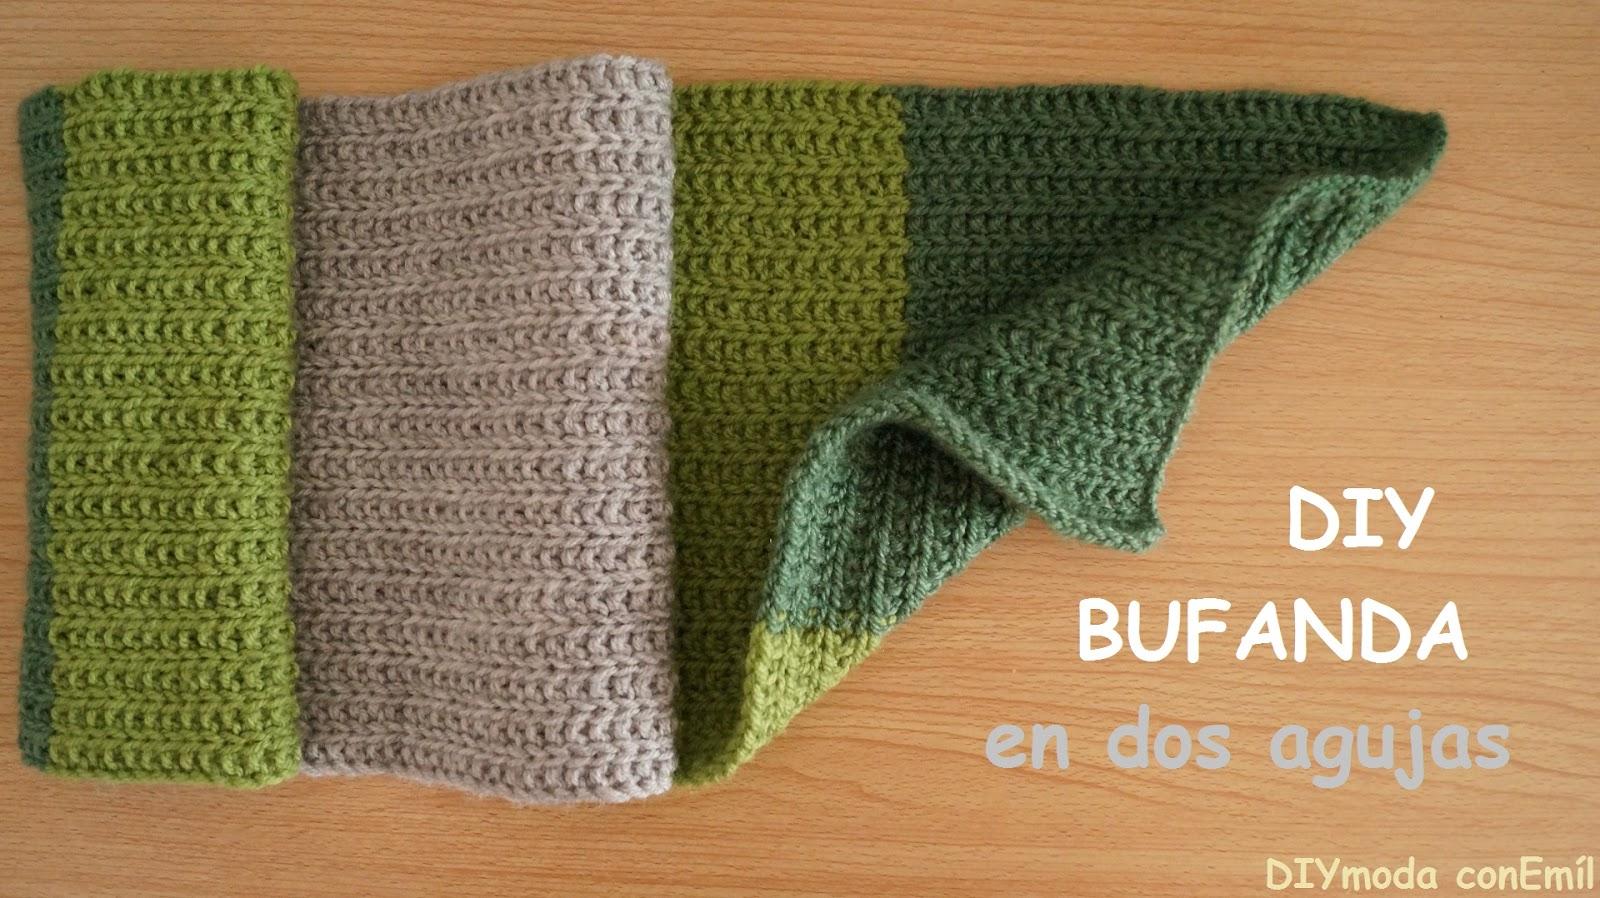 Diymoda conem l bufanda de lana a dos agujas en formula - Como hacer ochos de punto ...